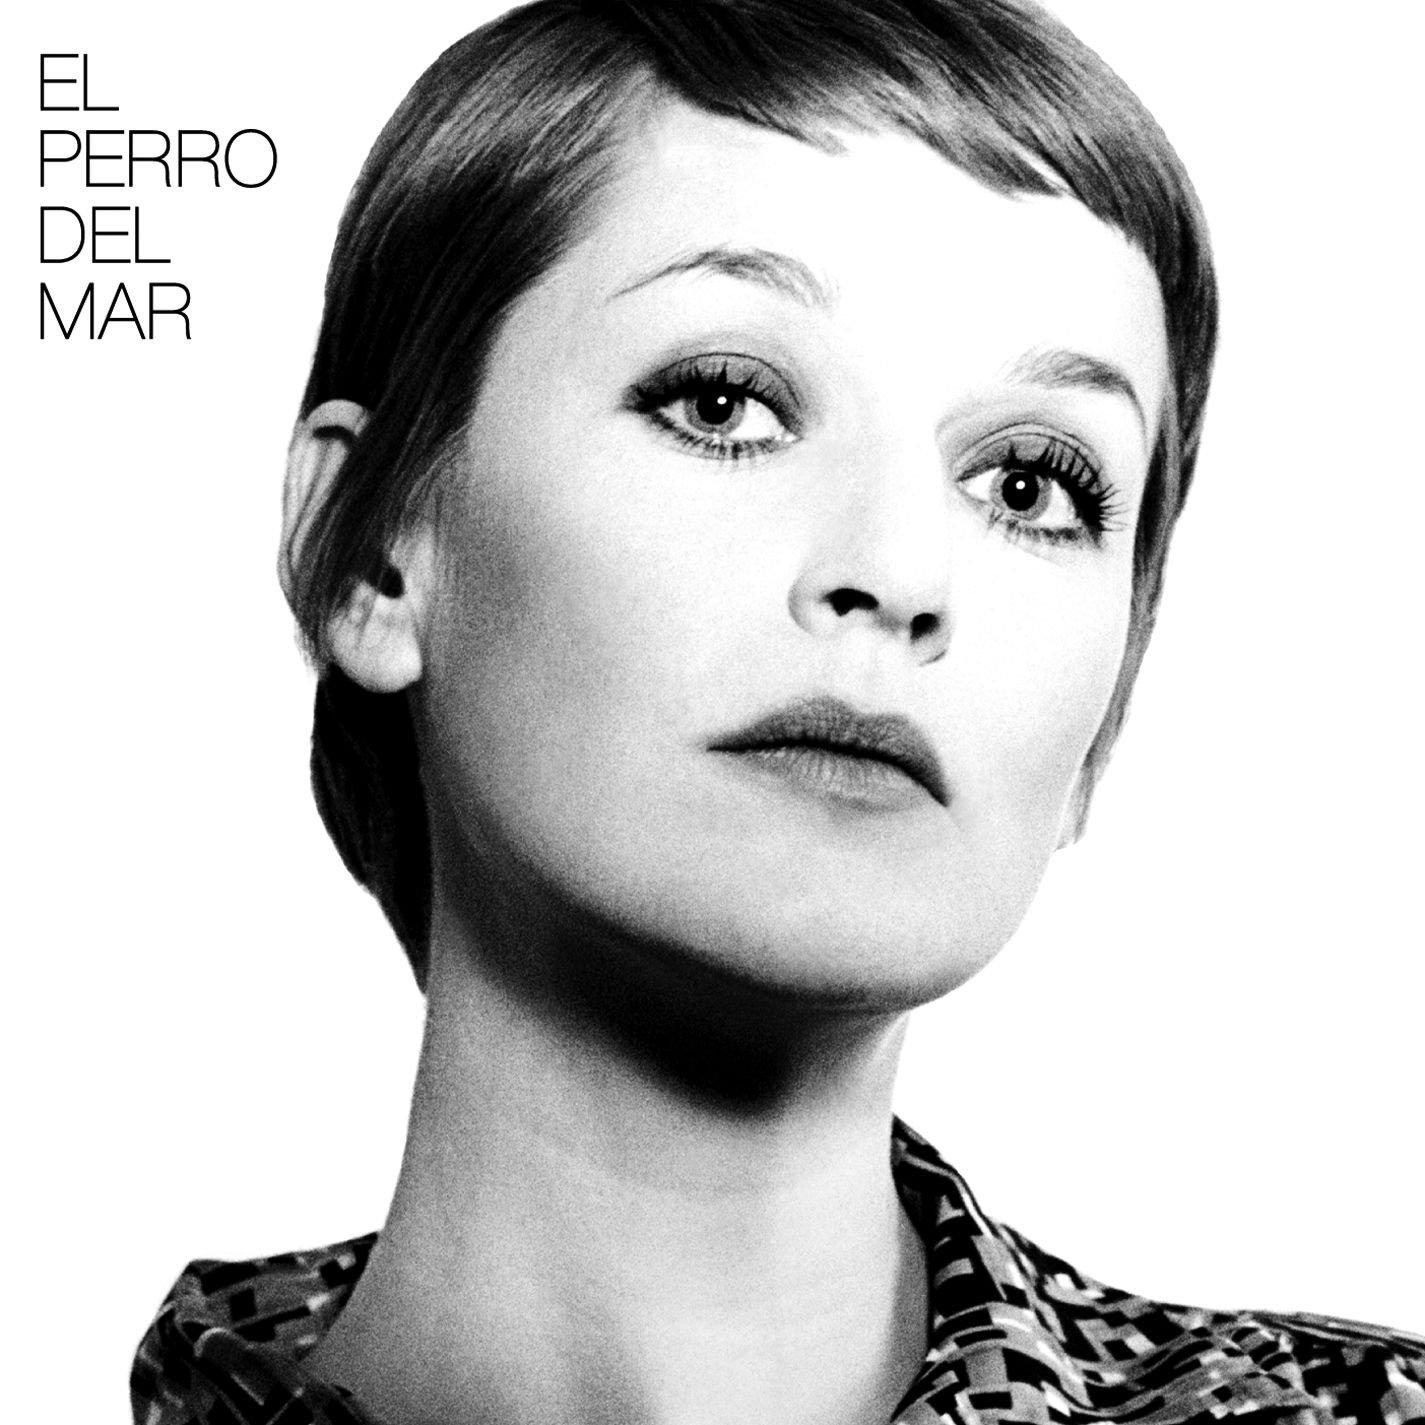 El Perro Del Mar - El Perro Del Mar (2006) [FLAC] Download